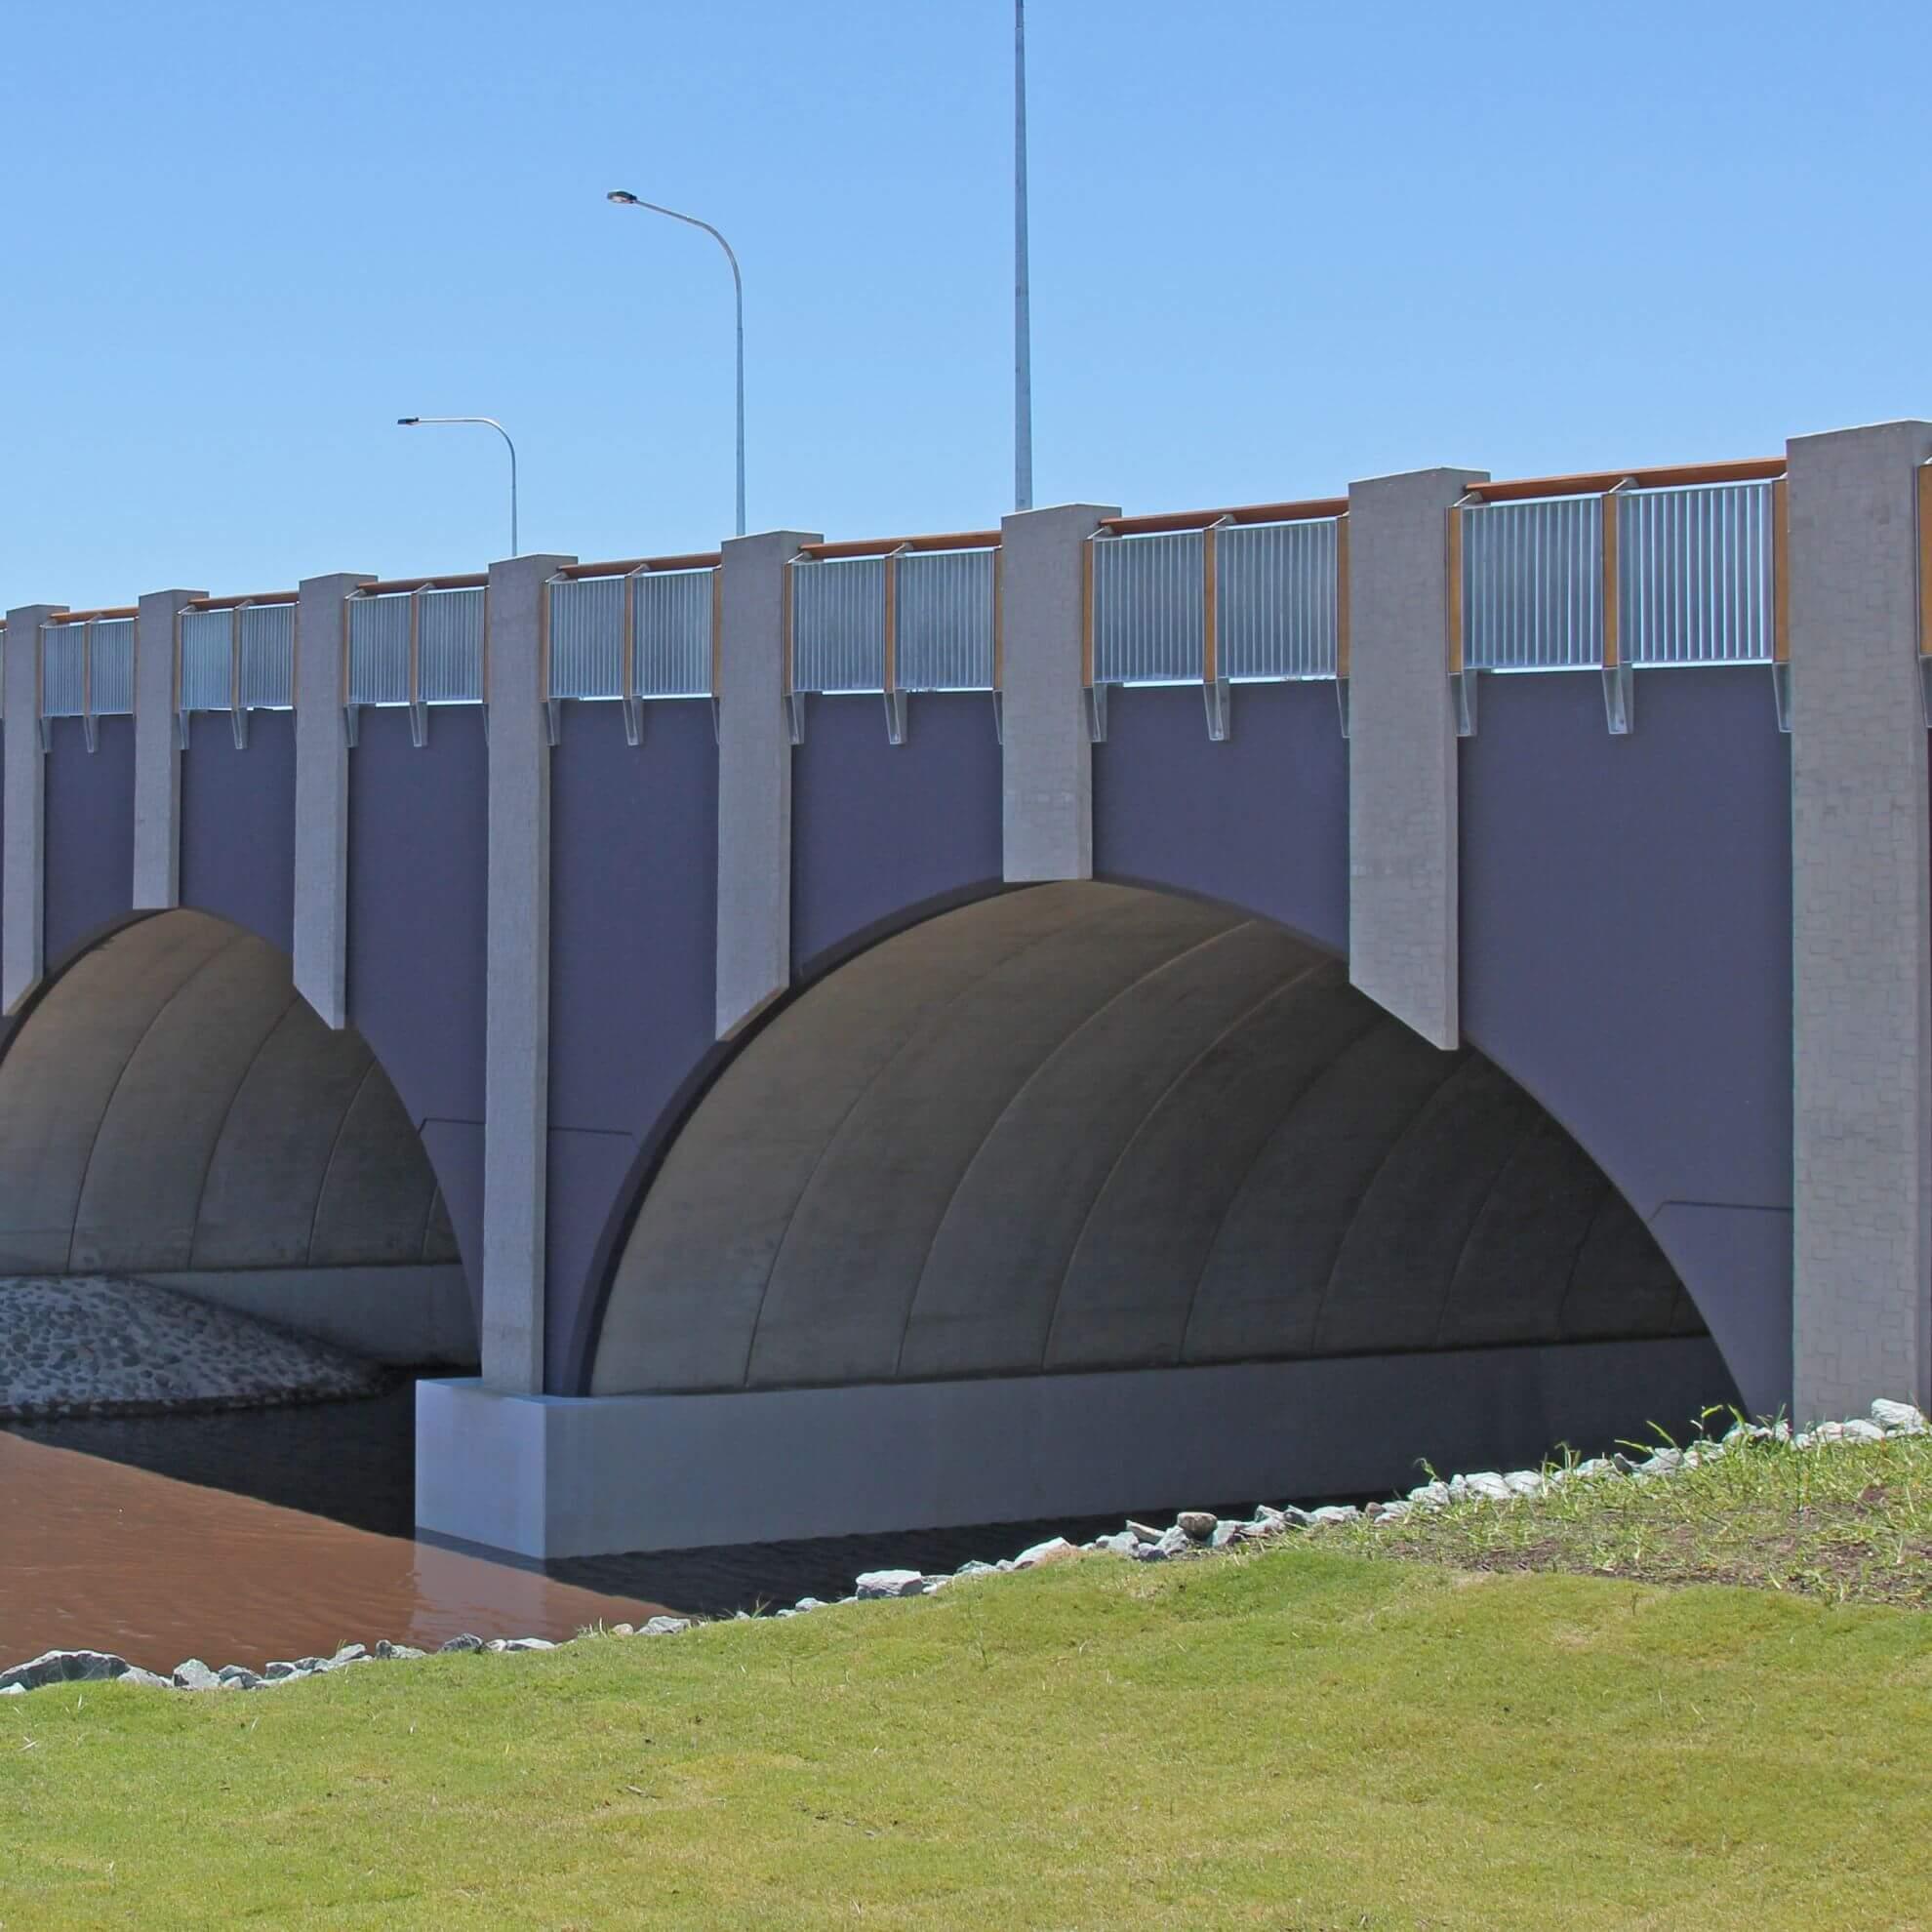 Capestone Arch Bridge